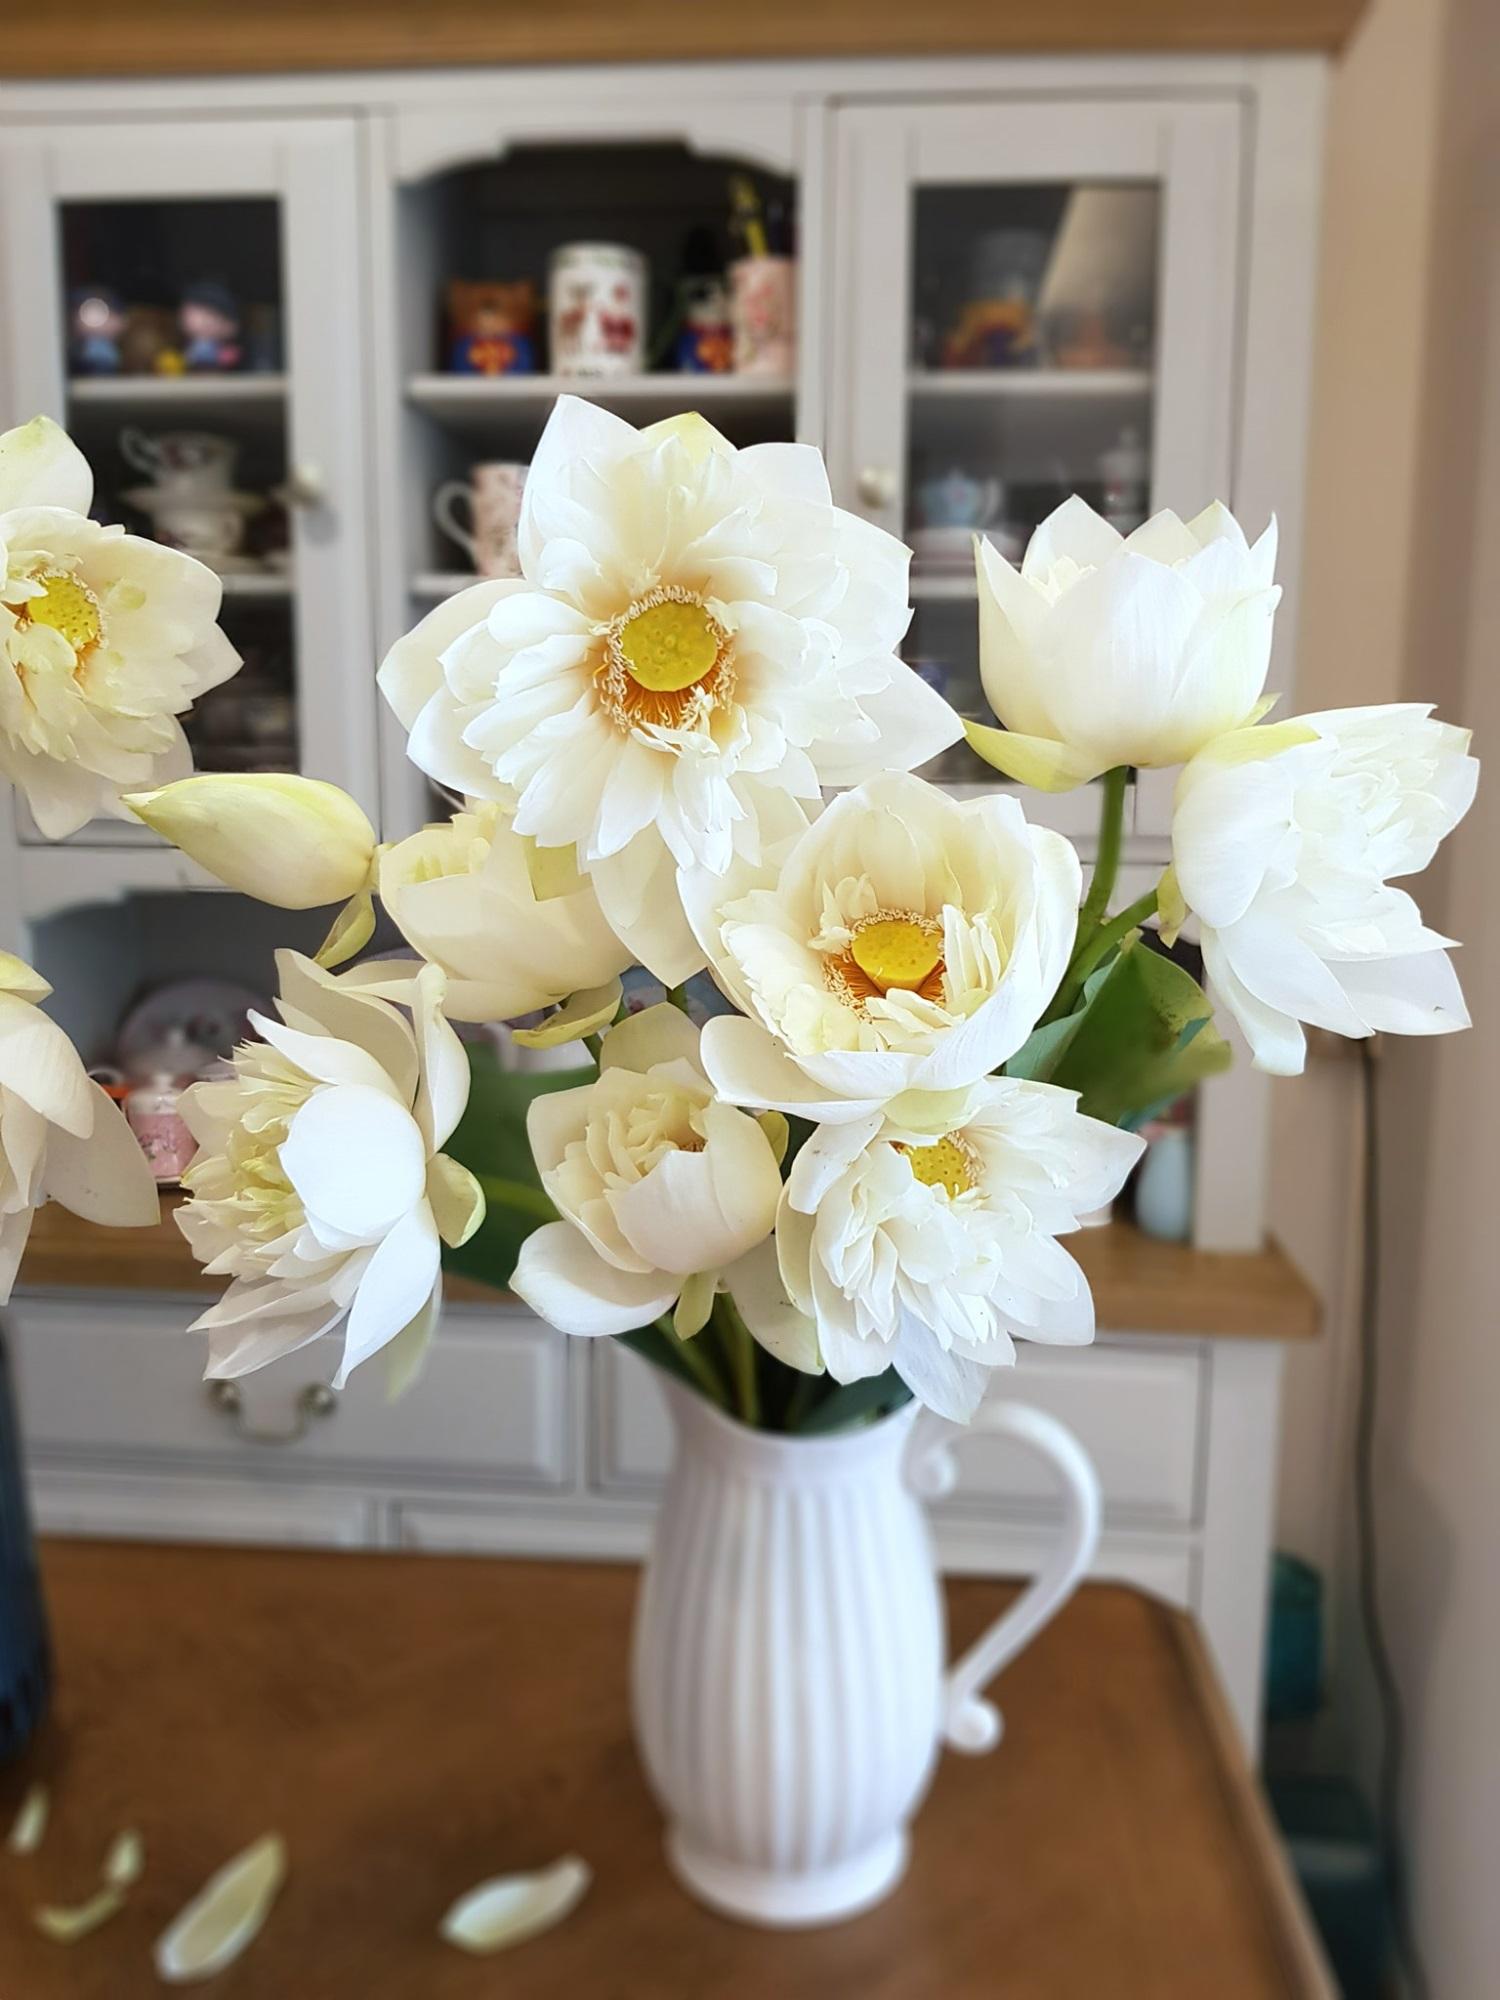 Cô gái Hà Nội tung bí kíp 'níu giữ' vẻ đẹp bạch liên hoa trọn vẹn trong 3 ngày, nhìn bình sen nở rộ mà u mê con mắt - Ảnh 9